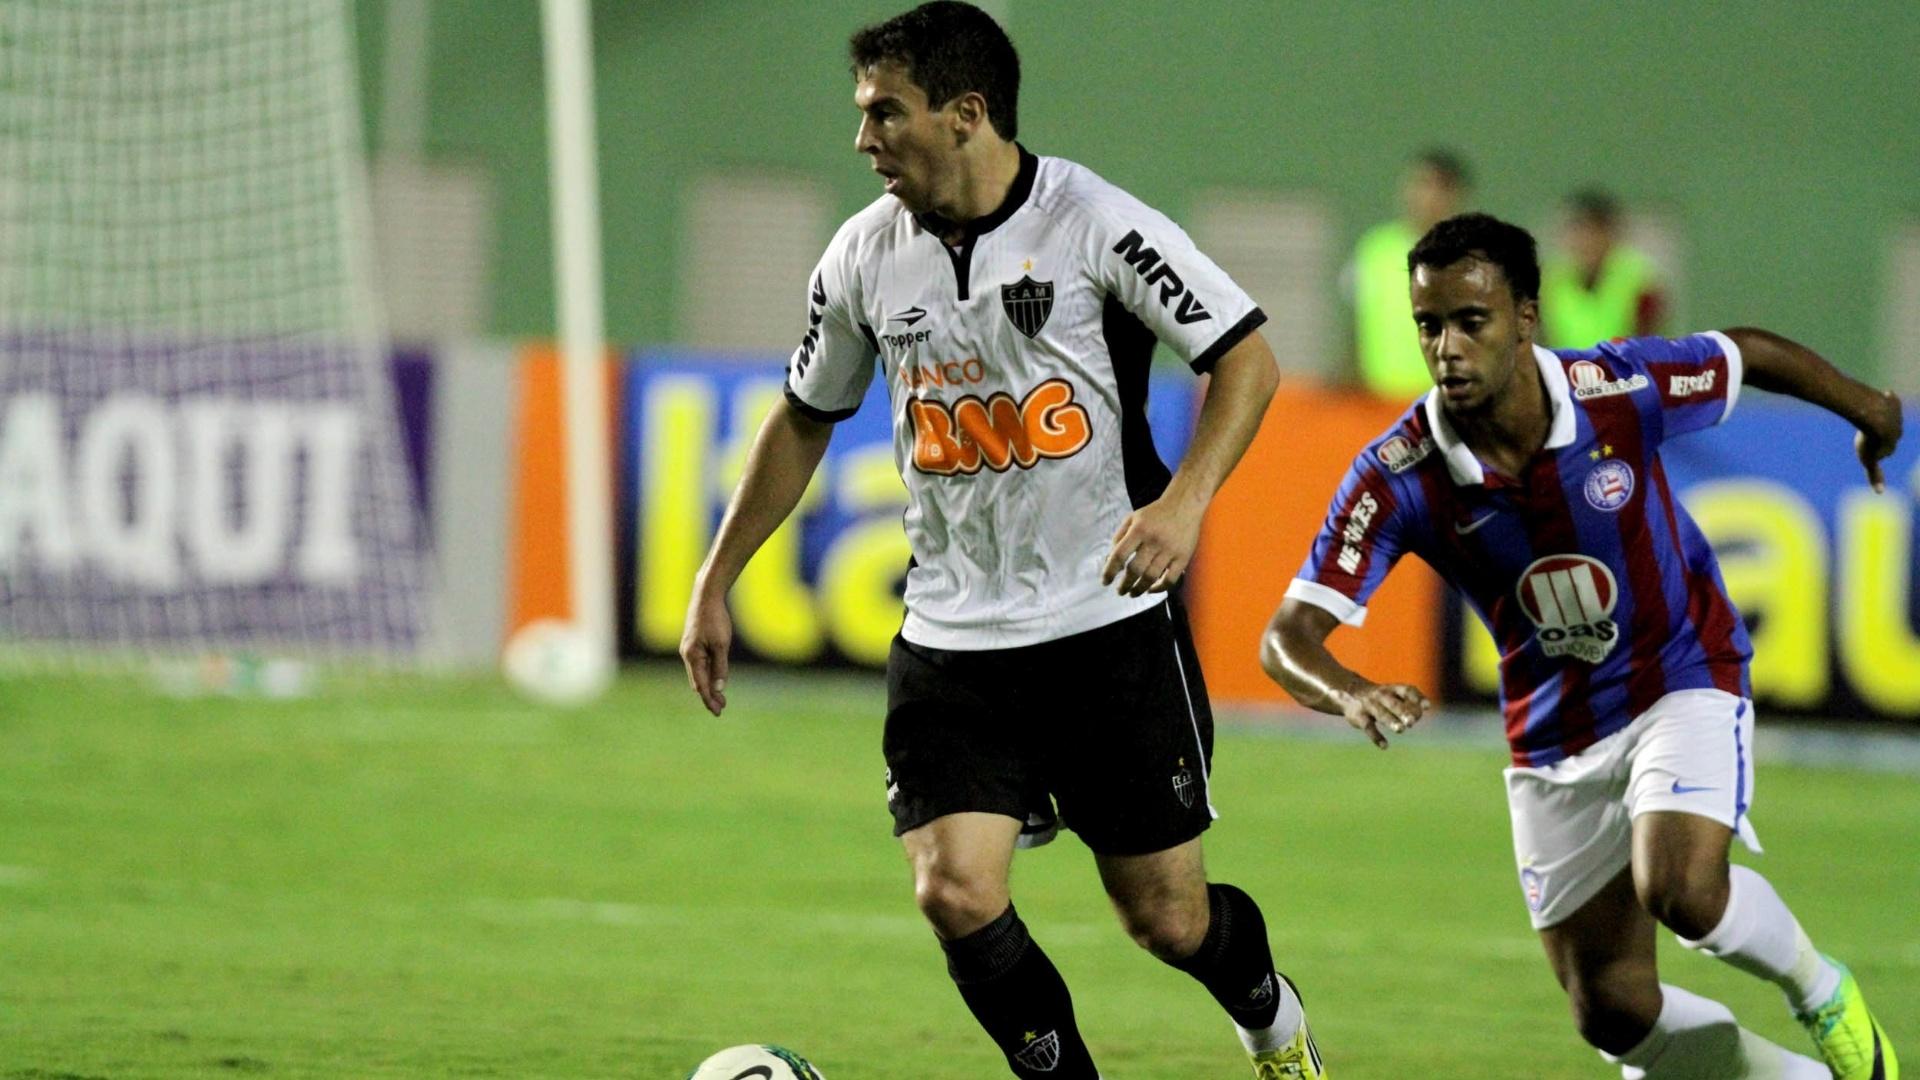 Leandro Donizete, do Atlético-MG, conduz a bola e é perseguido por Romário, do Bahia